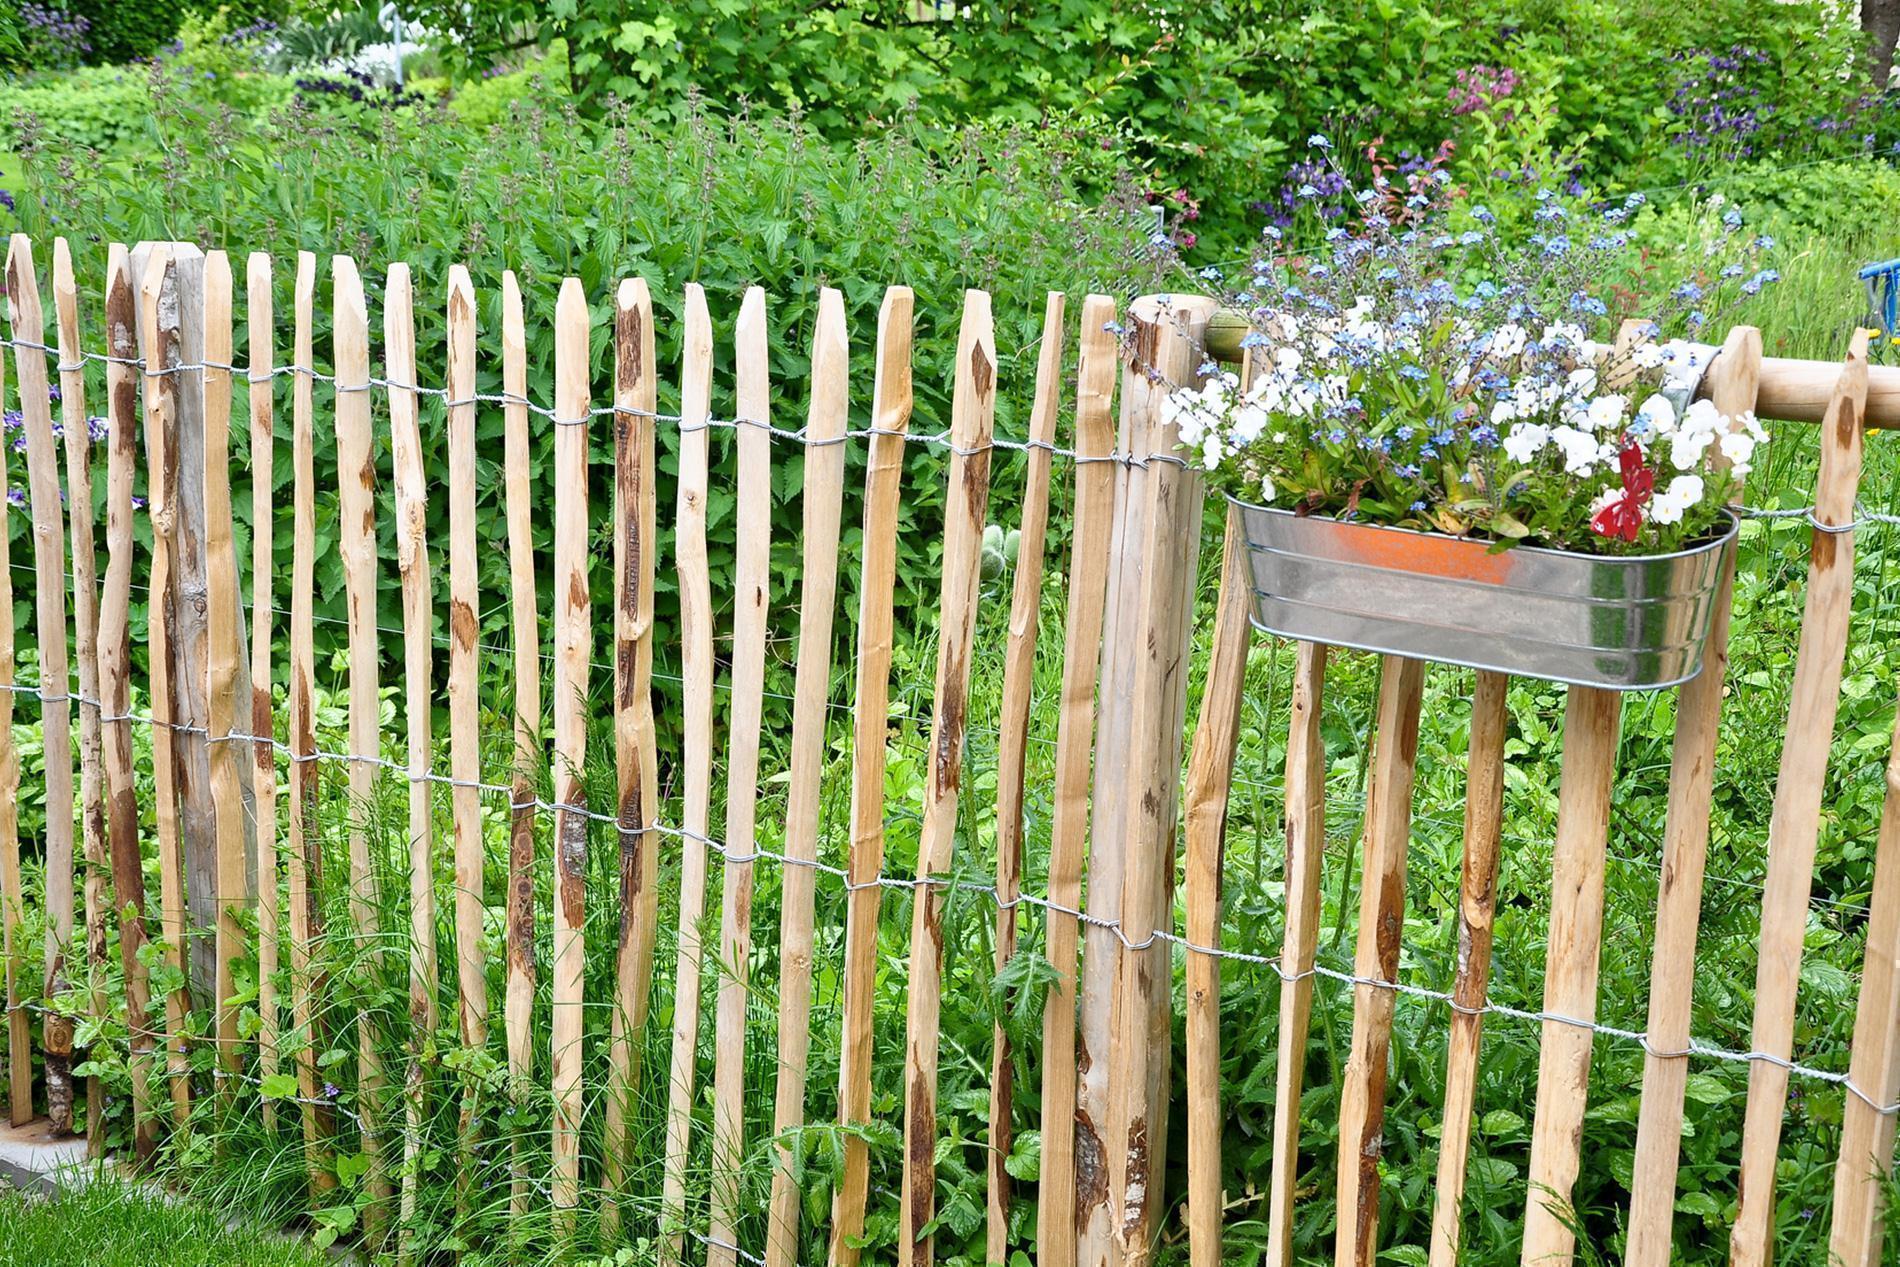 Englischer Staketenzaun Kastanie - Länge 5 Meter, Höhe 122 cm, Lattenabstand 4-6 cm